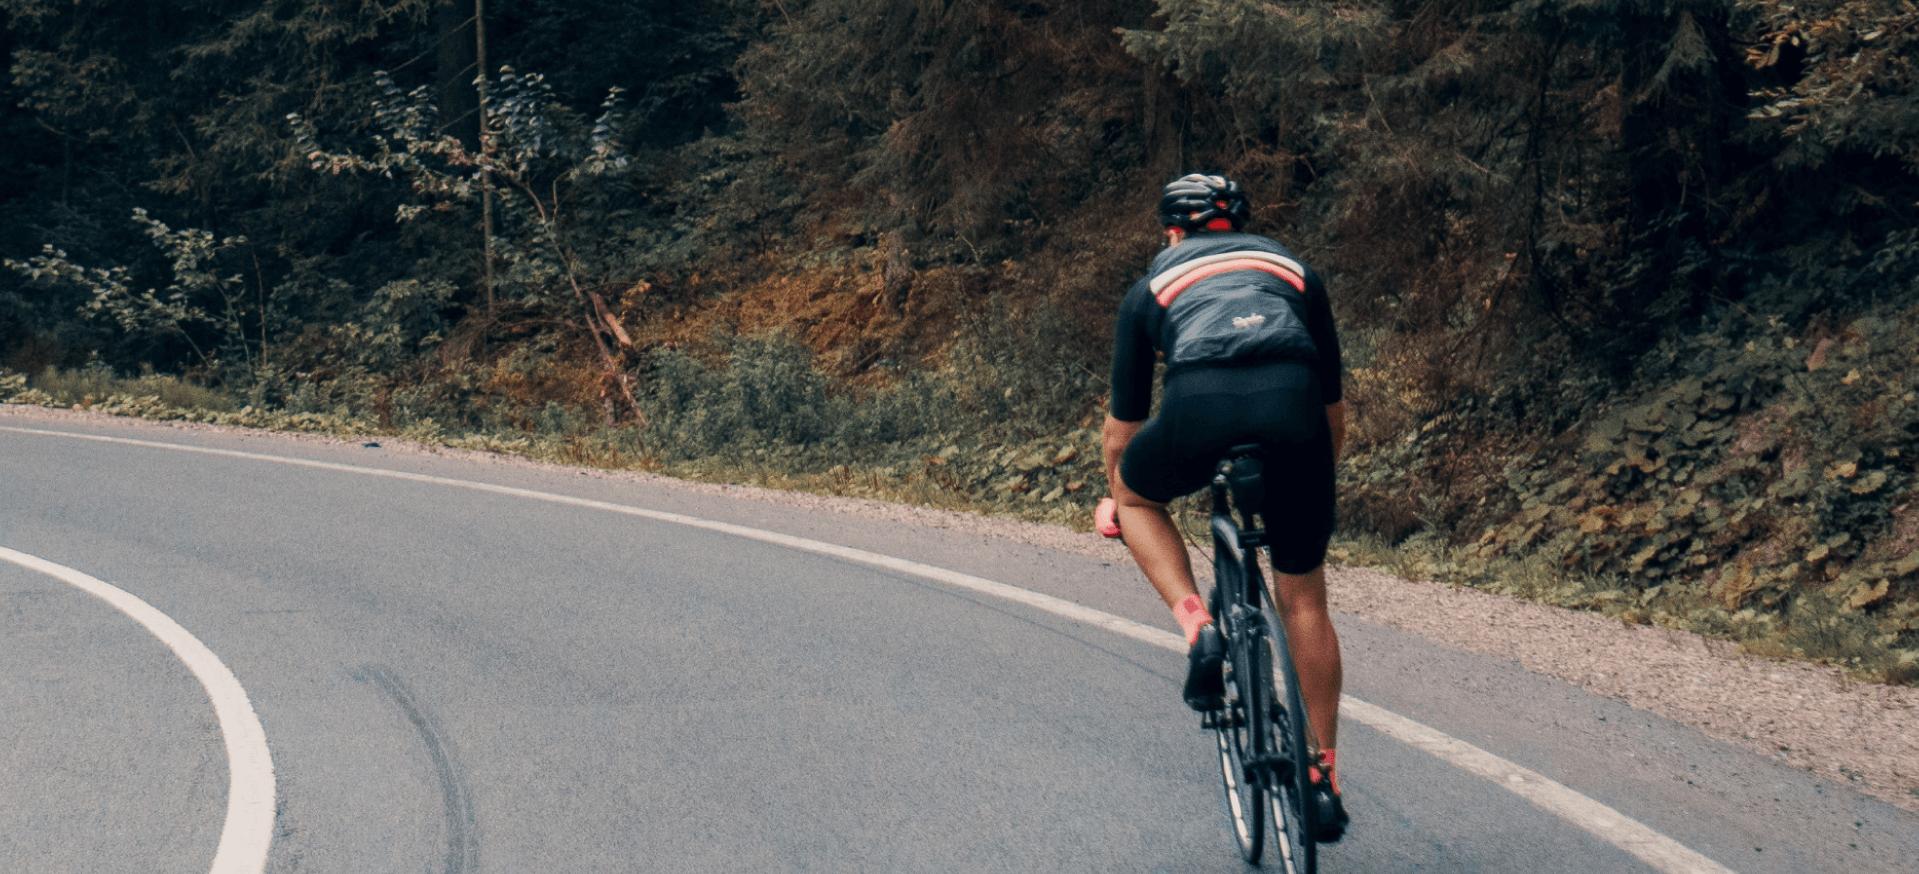 bikerider-sample-img